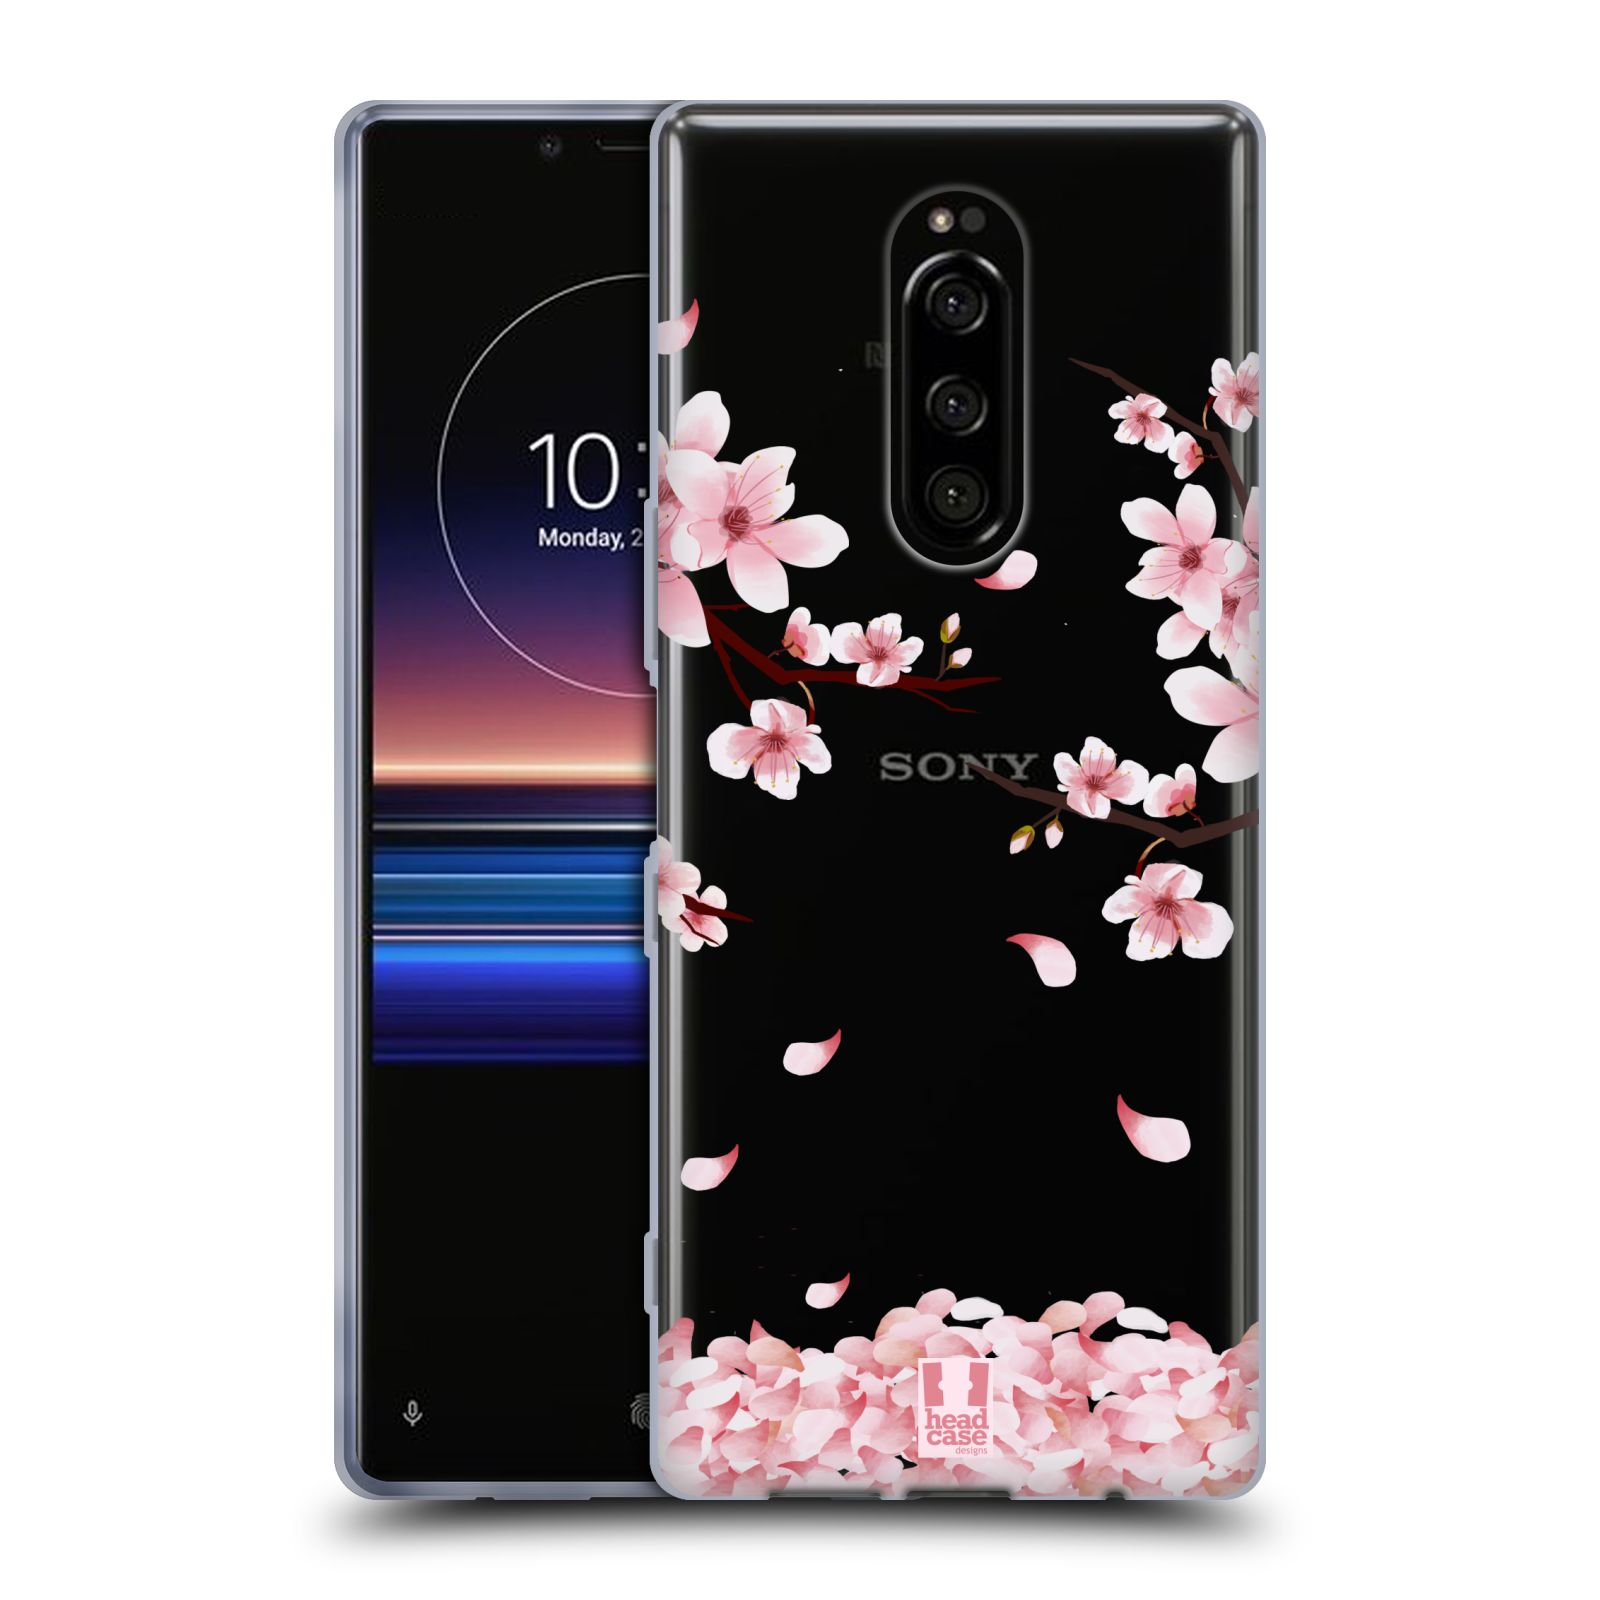 Silikonové pouzdro na mobil Sony Xperia 1 - Head Case - Květy a větvičky